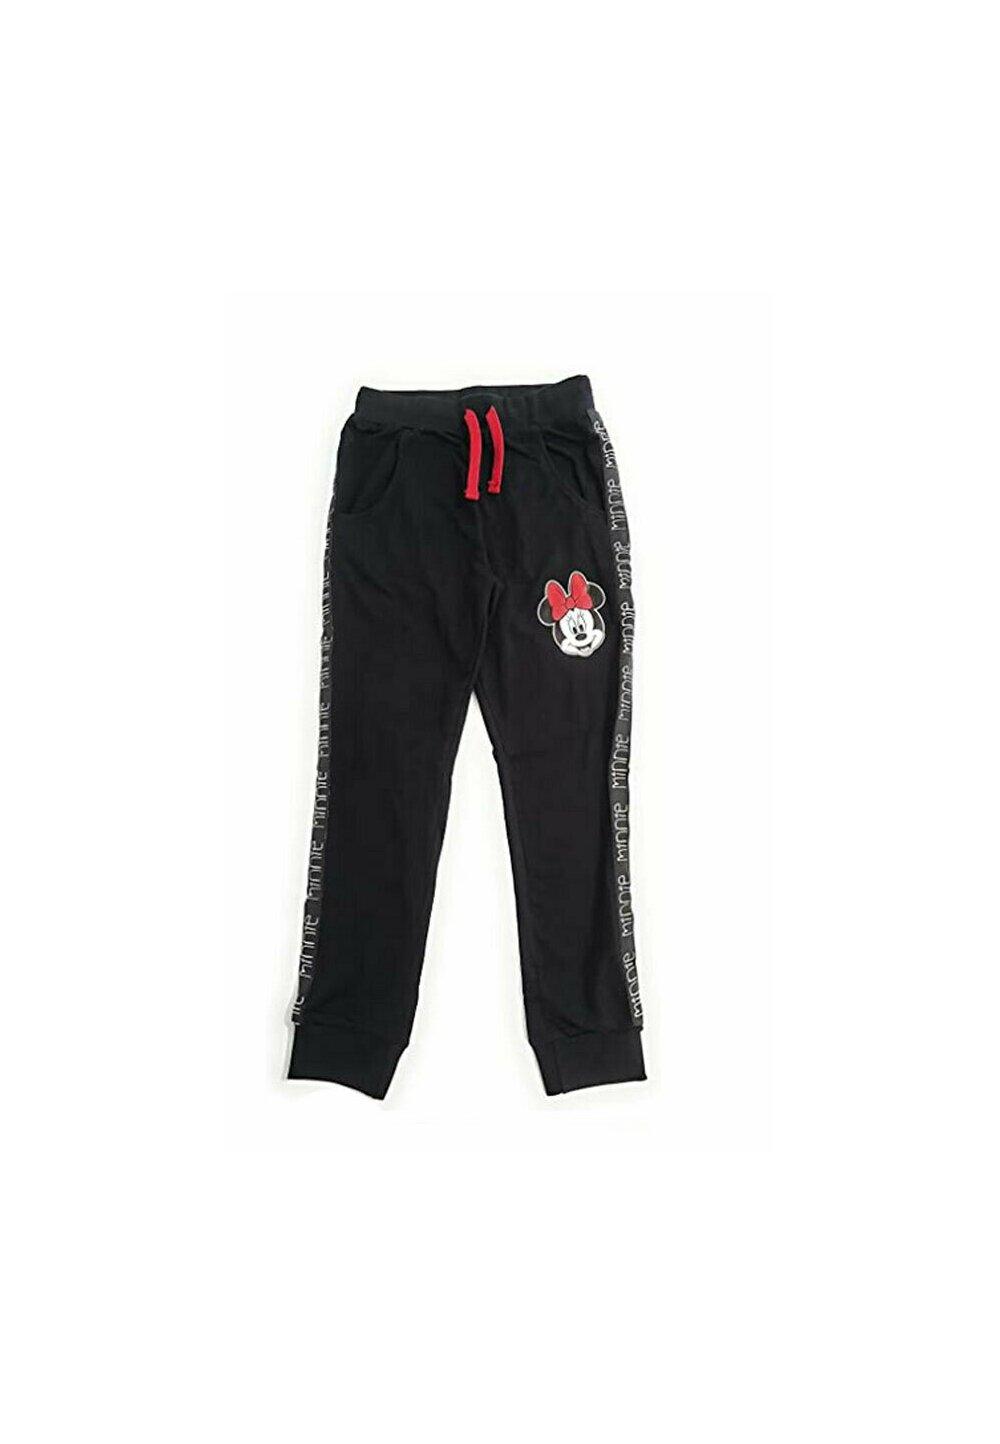 Pantaloni trening, Minnie M, negri